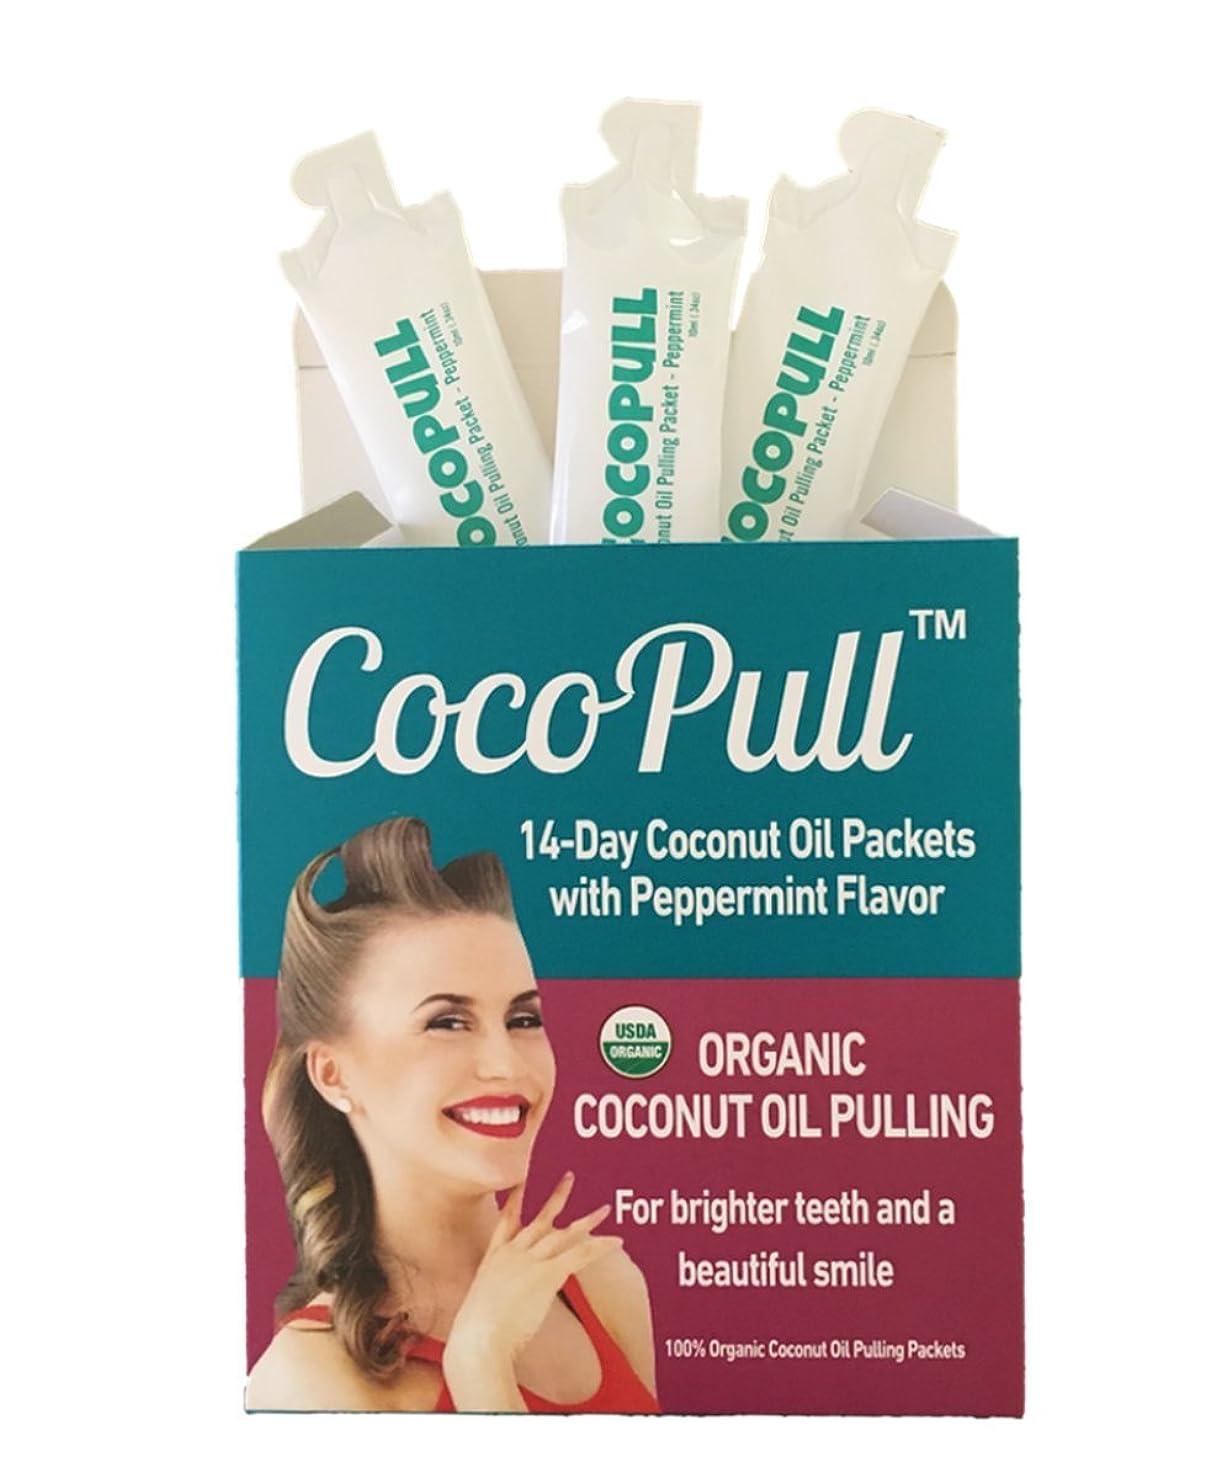 クラッチチューブショルダーAVIVA PURE CocoPull Organic ココナッツオイル Pulling Natural Teeth Whitener 14pack